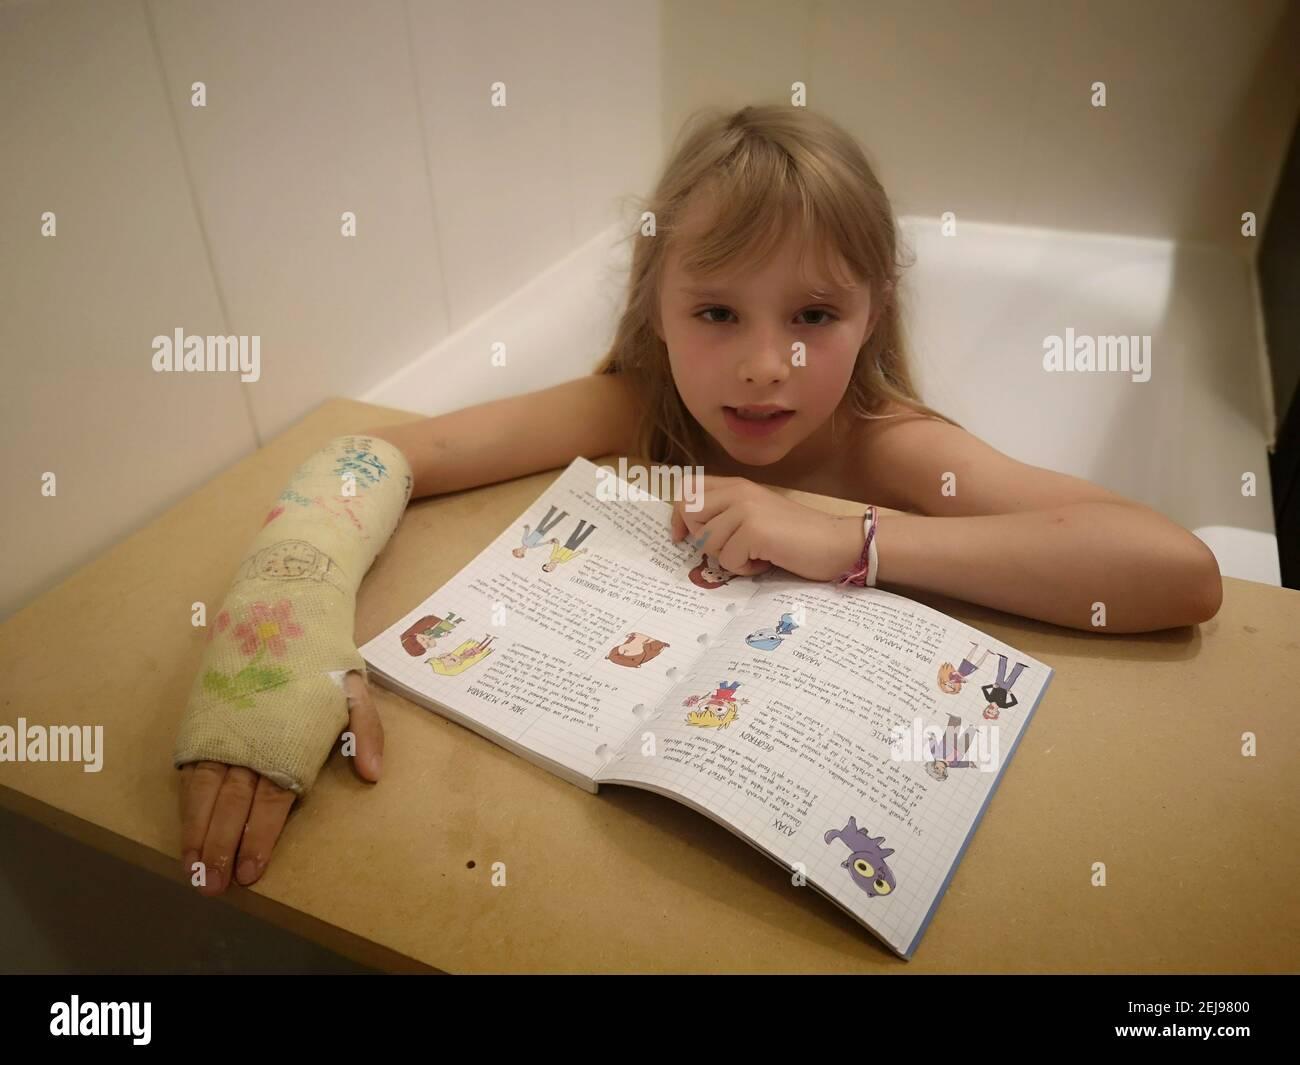 Portrait d'une fillette de 8 ans Européenne au poignet cassé, plateau, lisant sur une nappe en bois un exercice dans son bain , France. Banque D'Images